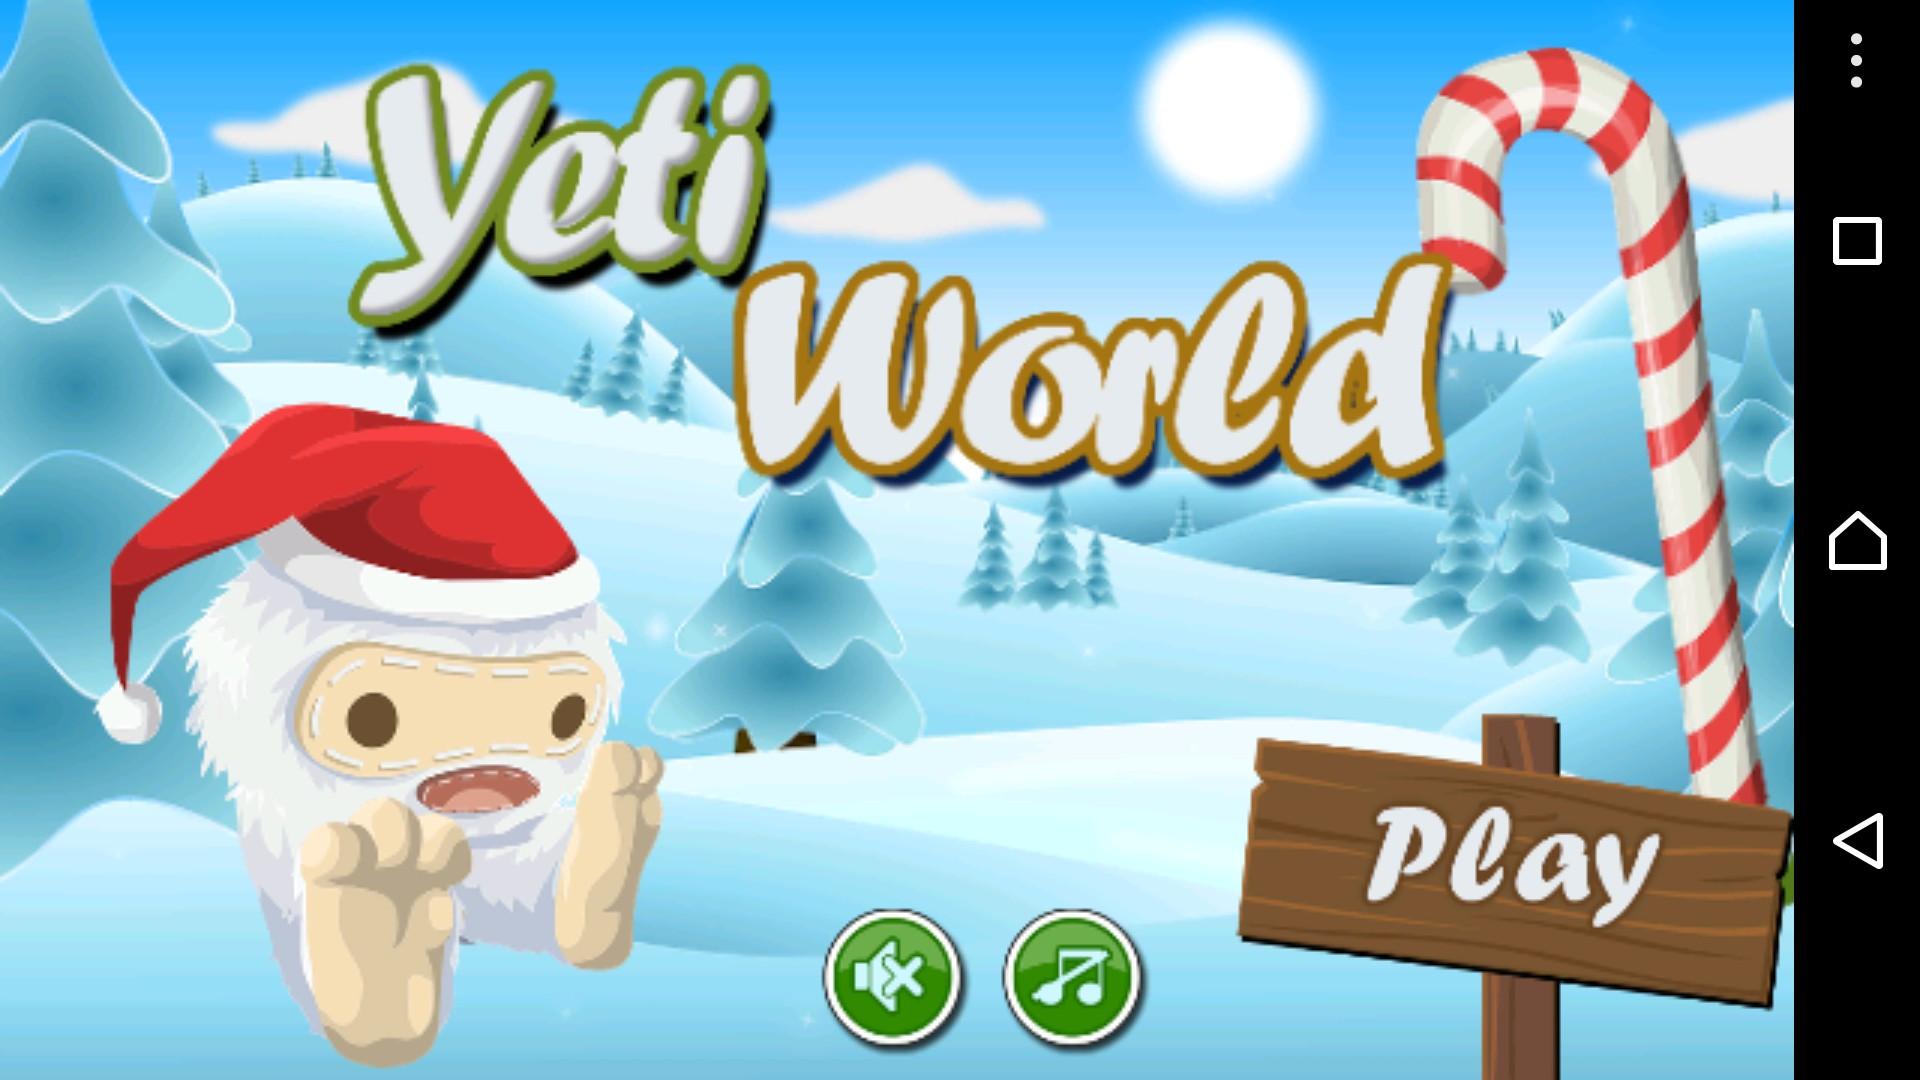 Yeti World